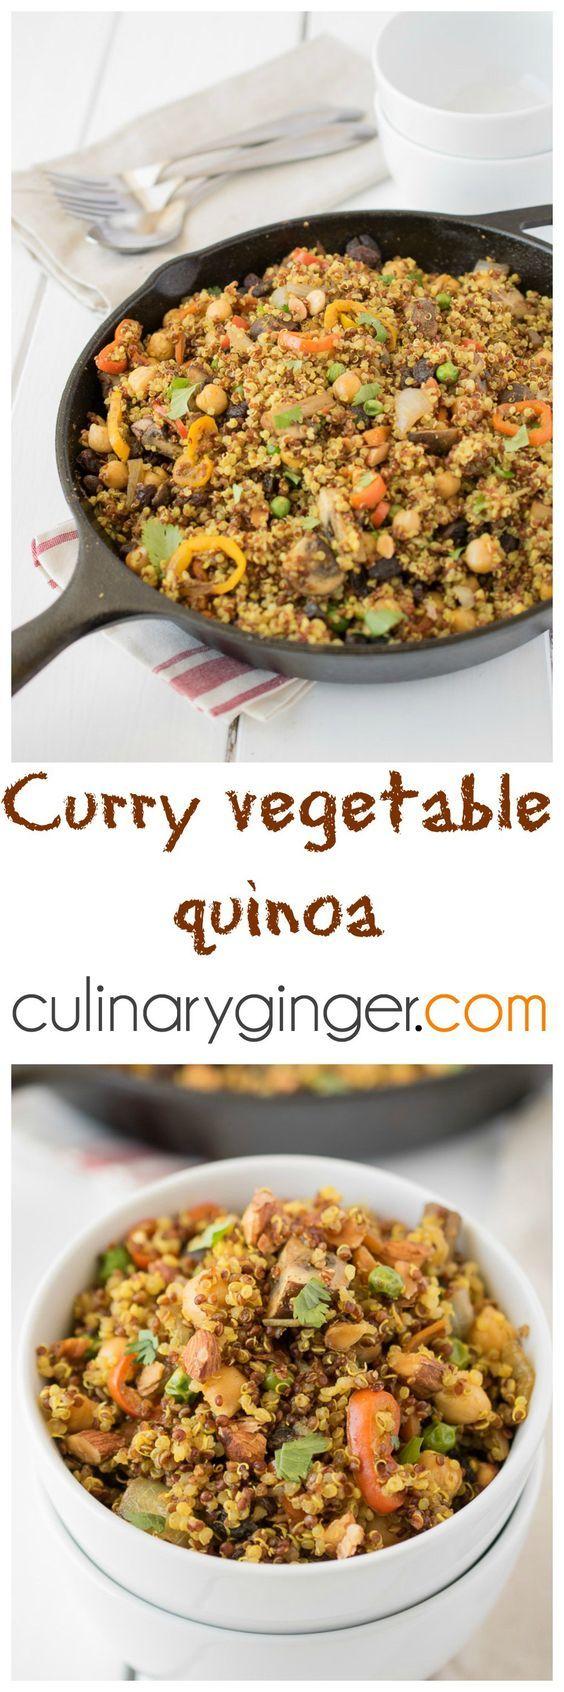 Curry Vegetable Quinoa